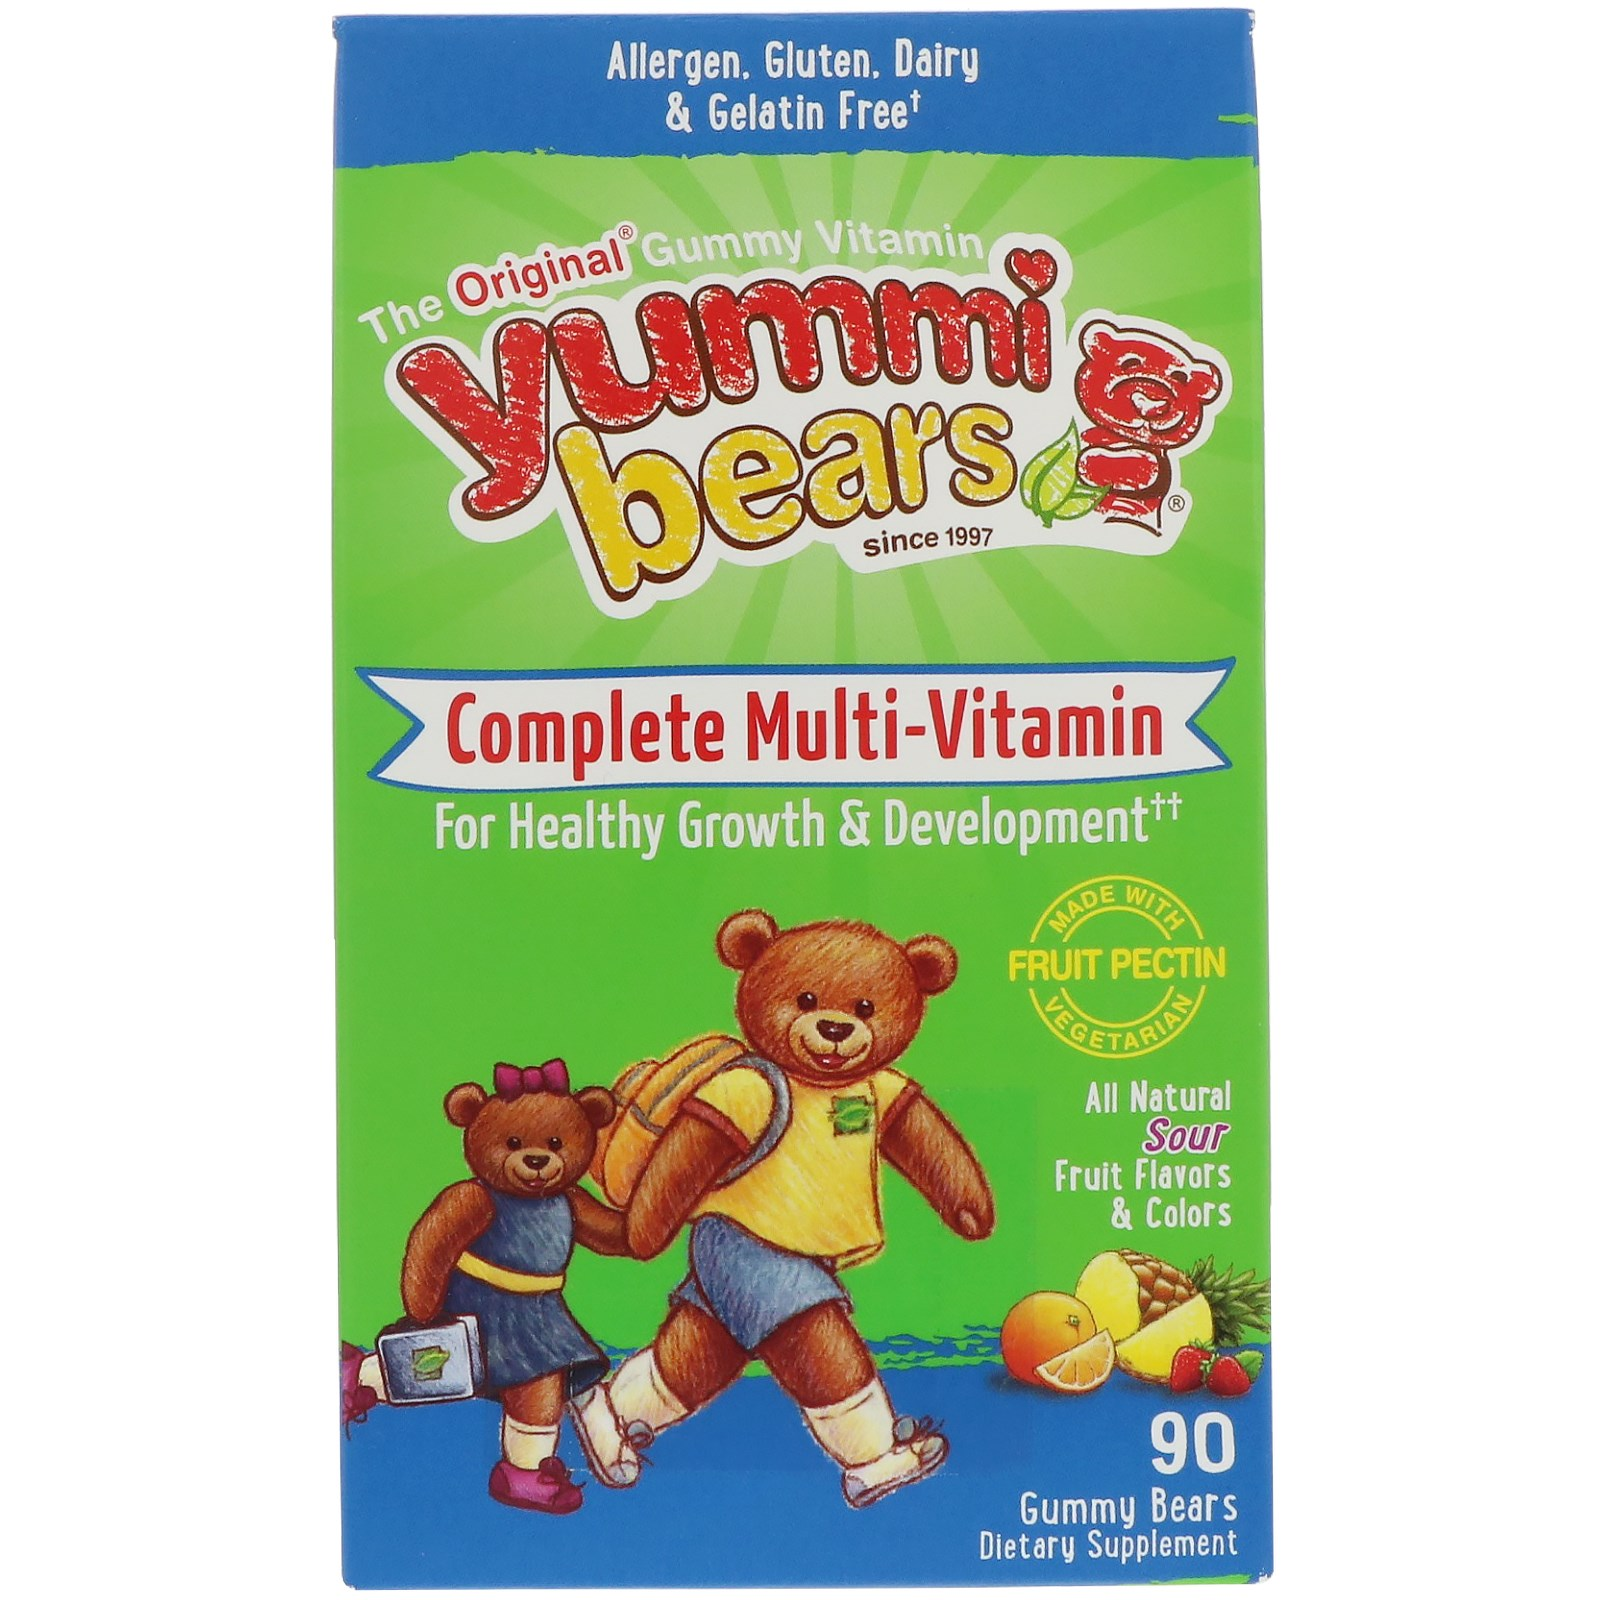 Hero Nutritional Products, Yummi Bears, комплекс мультивитаминов, натуральные фруктовые вкусы, 90 мишек